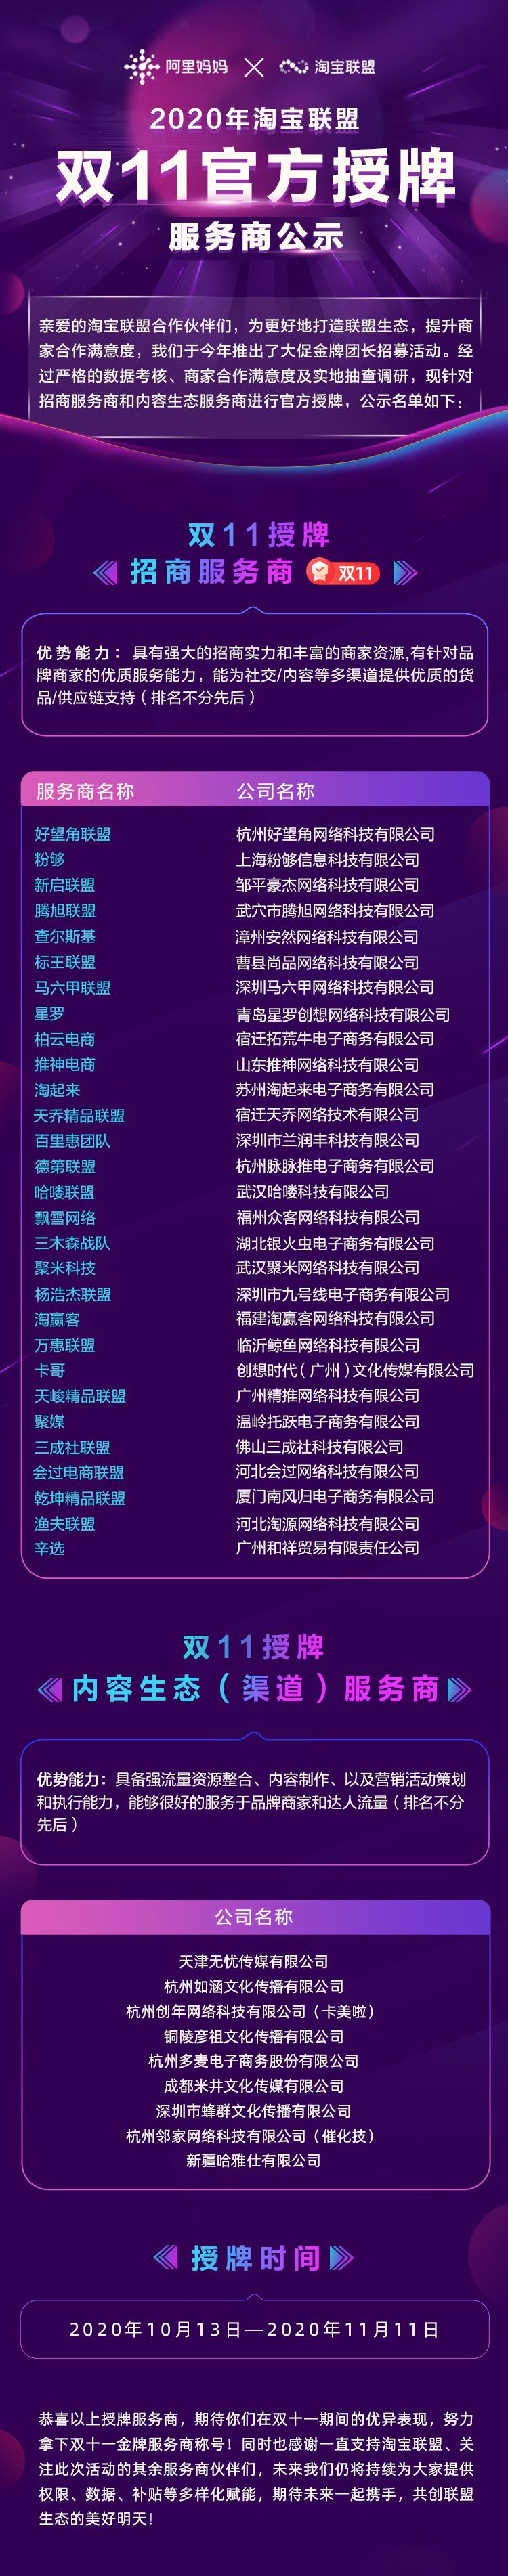 首届双11大促金牌团长开启招募!